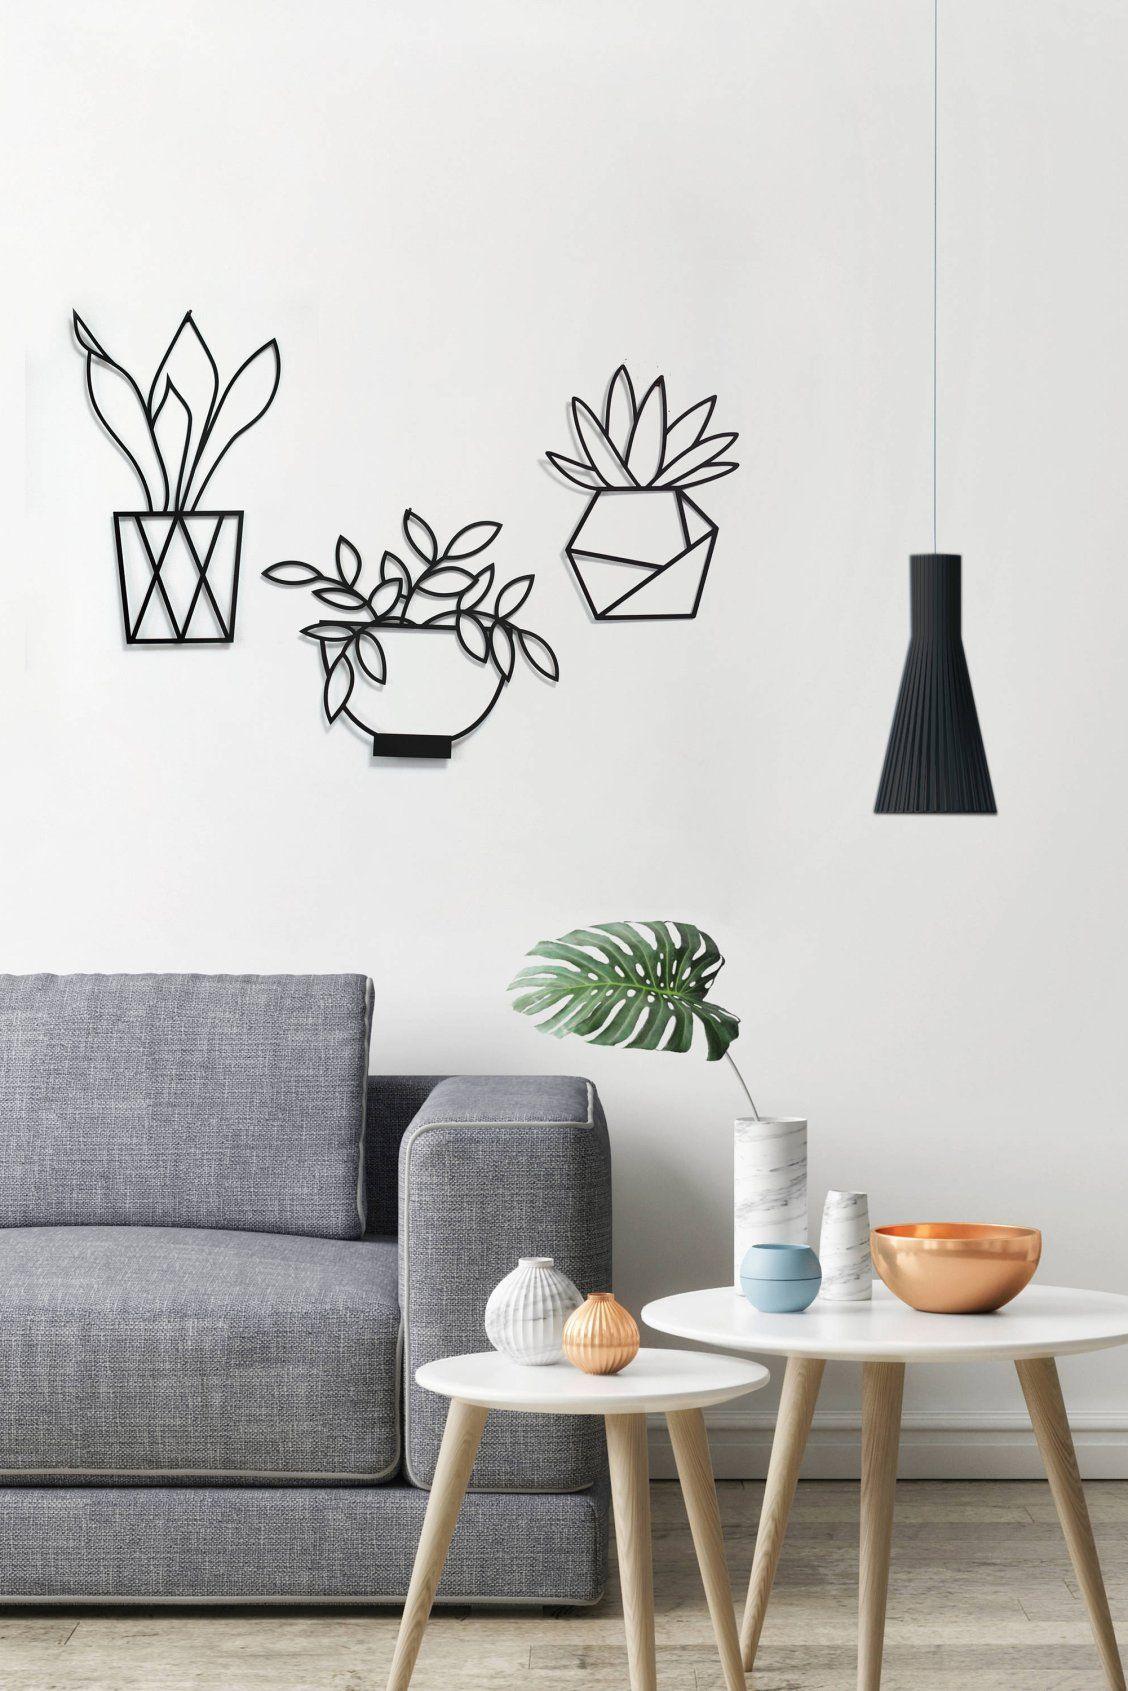 Set of wall art plants wall decor minimalist wall art